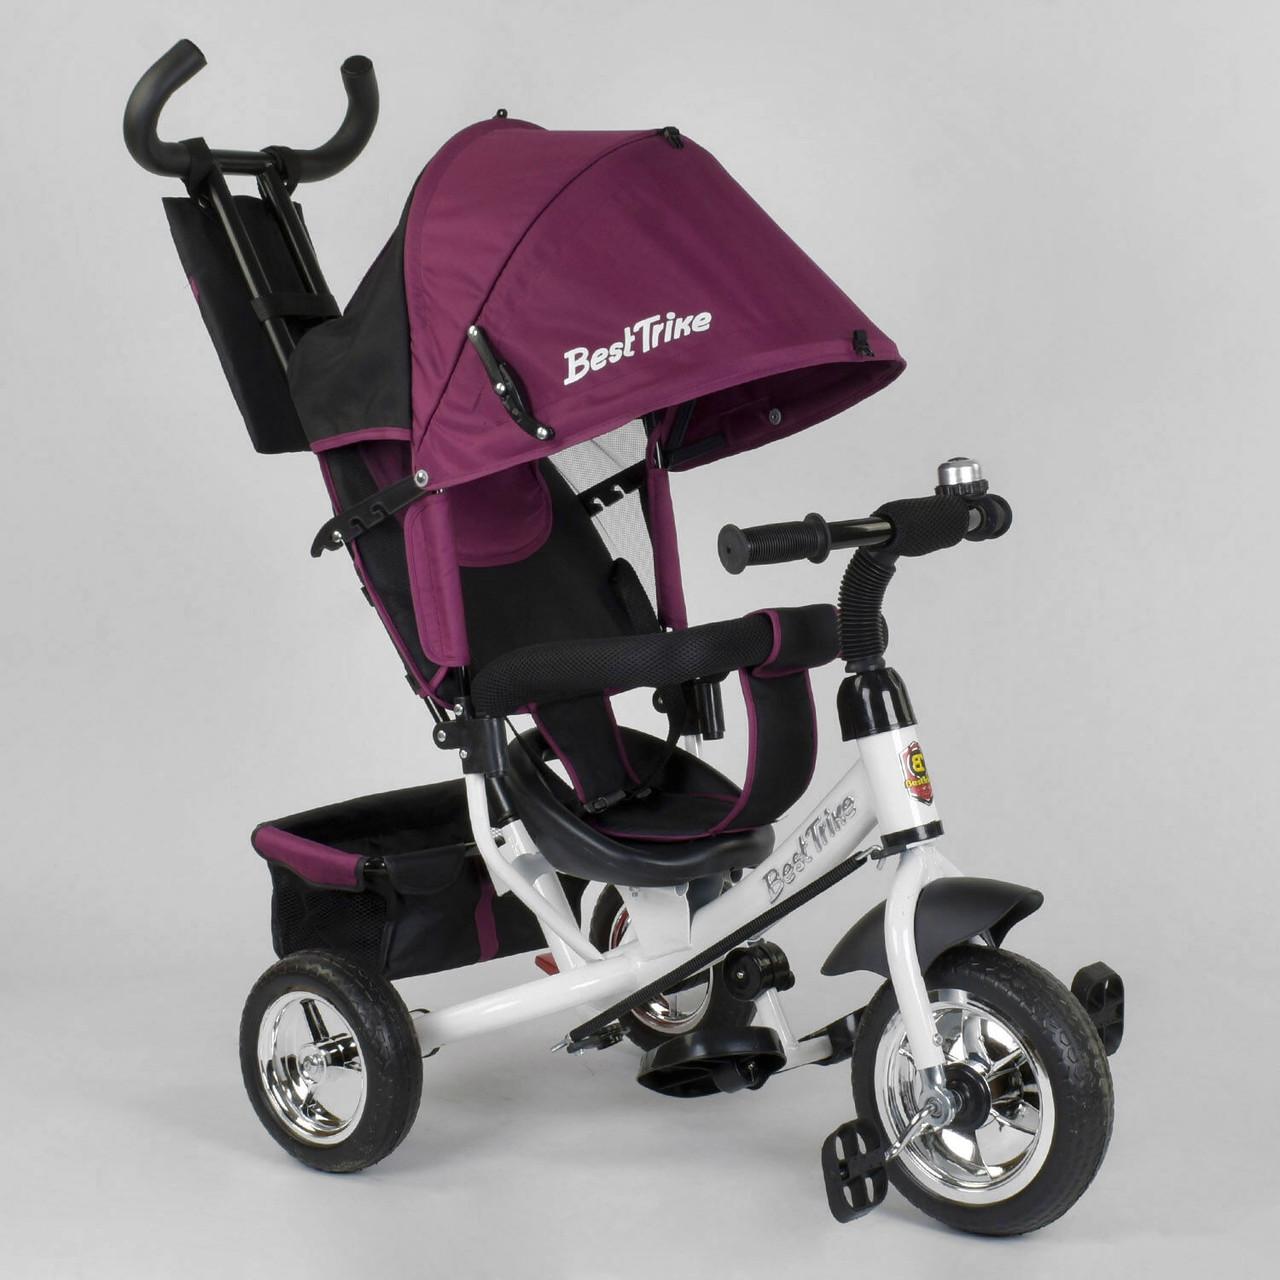 Детский трехколесный велосипед с родительской ручкой Best Trike 6588 - 18-595 Бордовый (колеса пена)